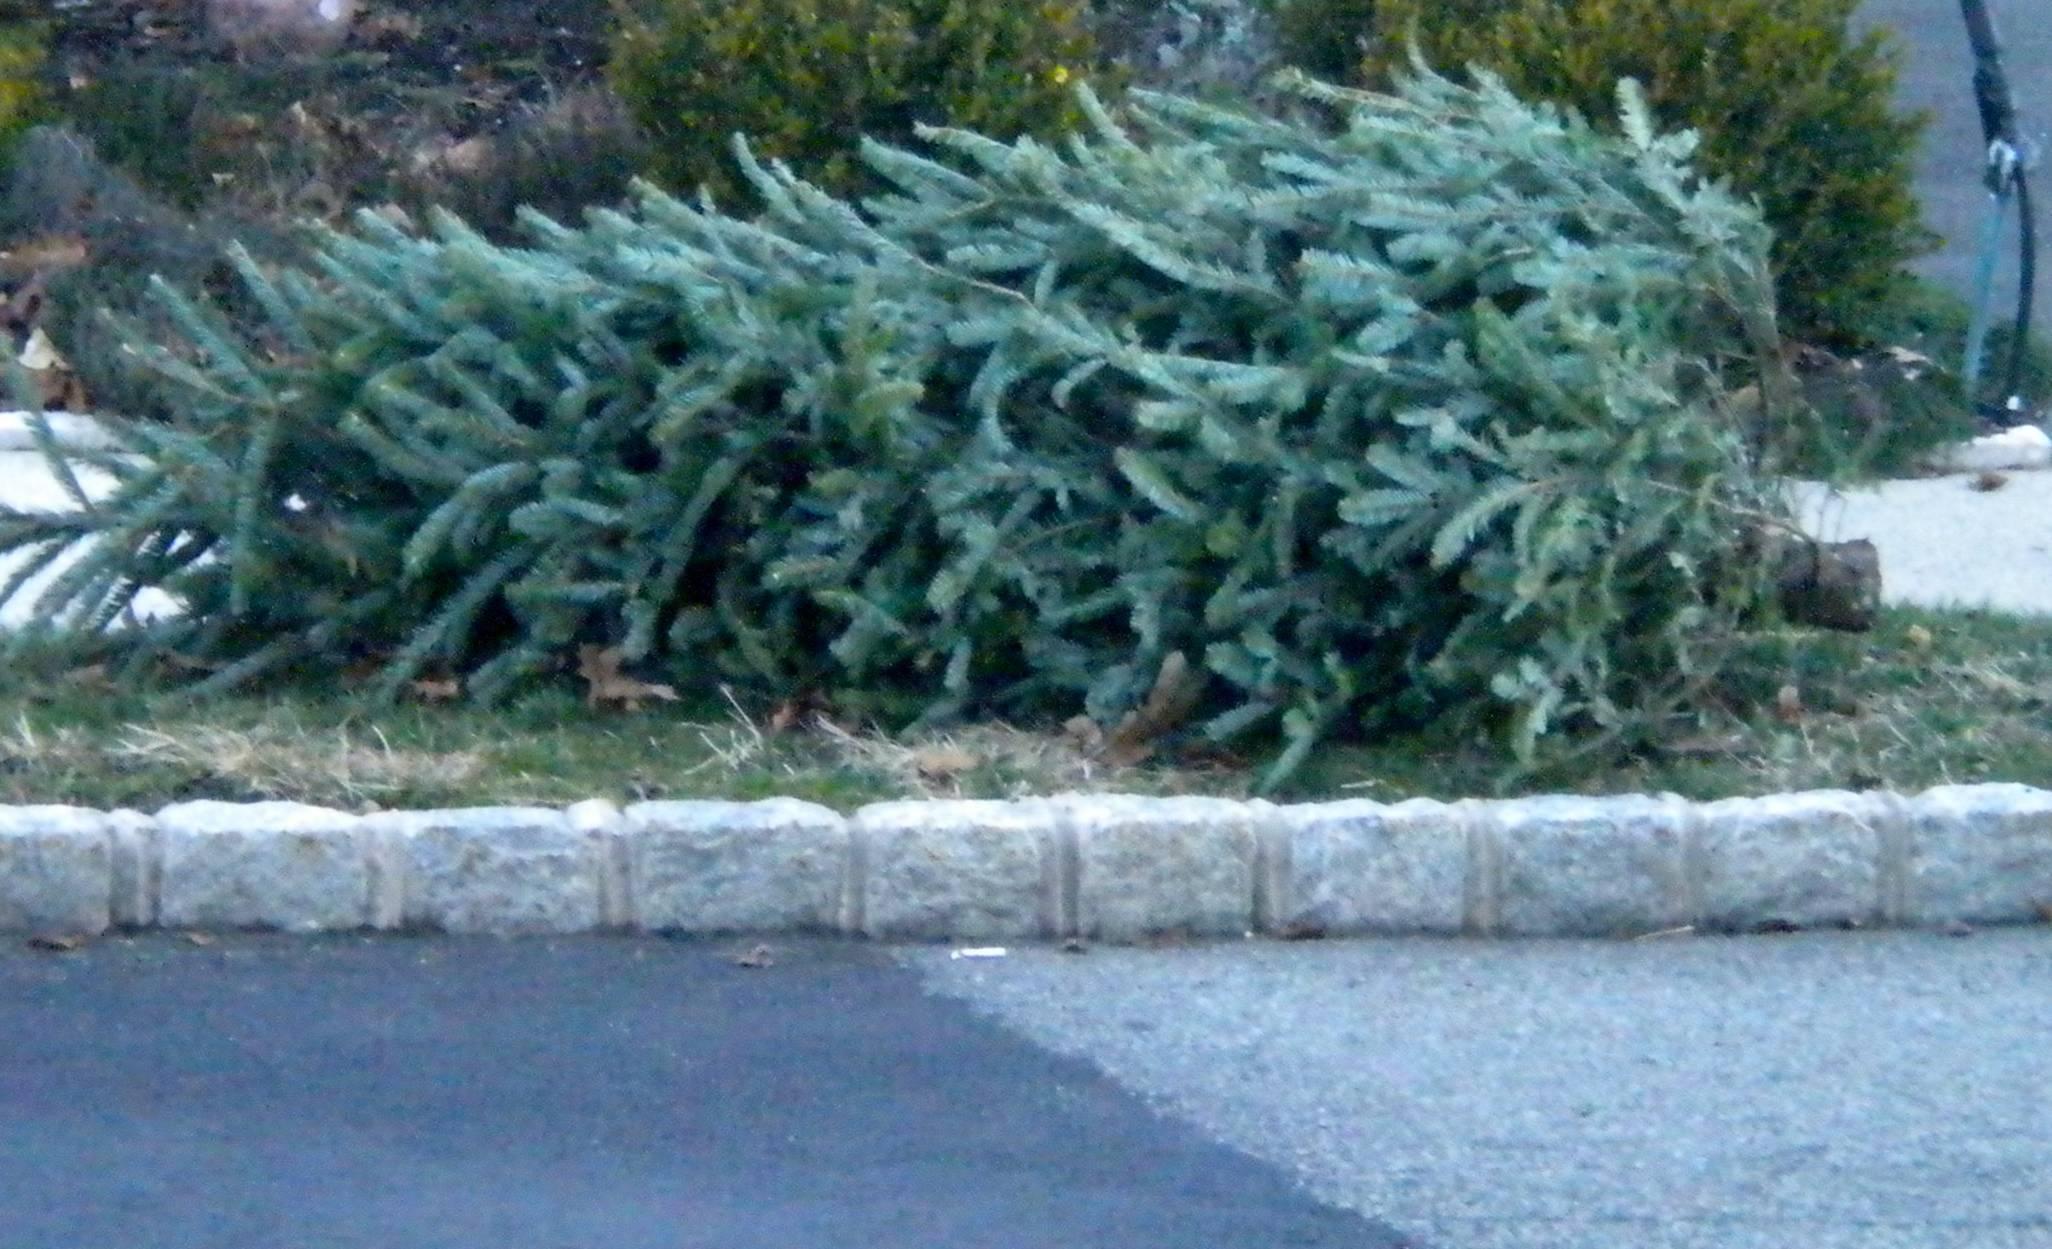 869422adf25d09f2edba_Christmas_tree_collection.JPG